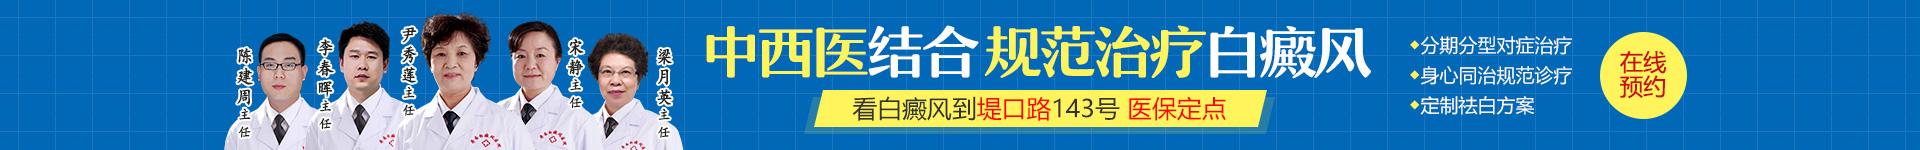 济南白癜风医院